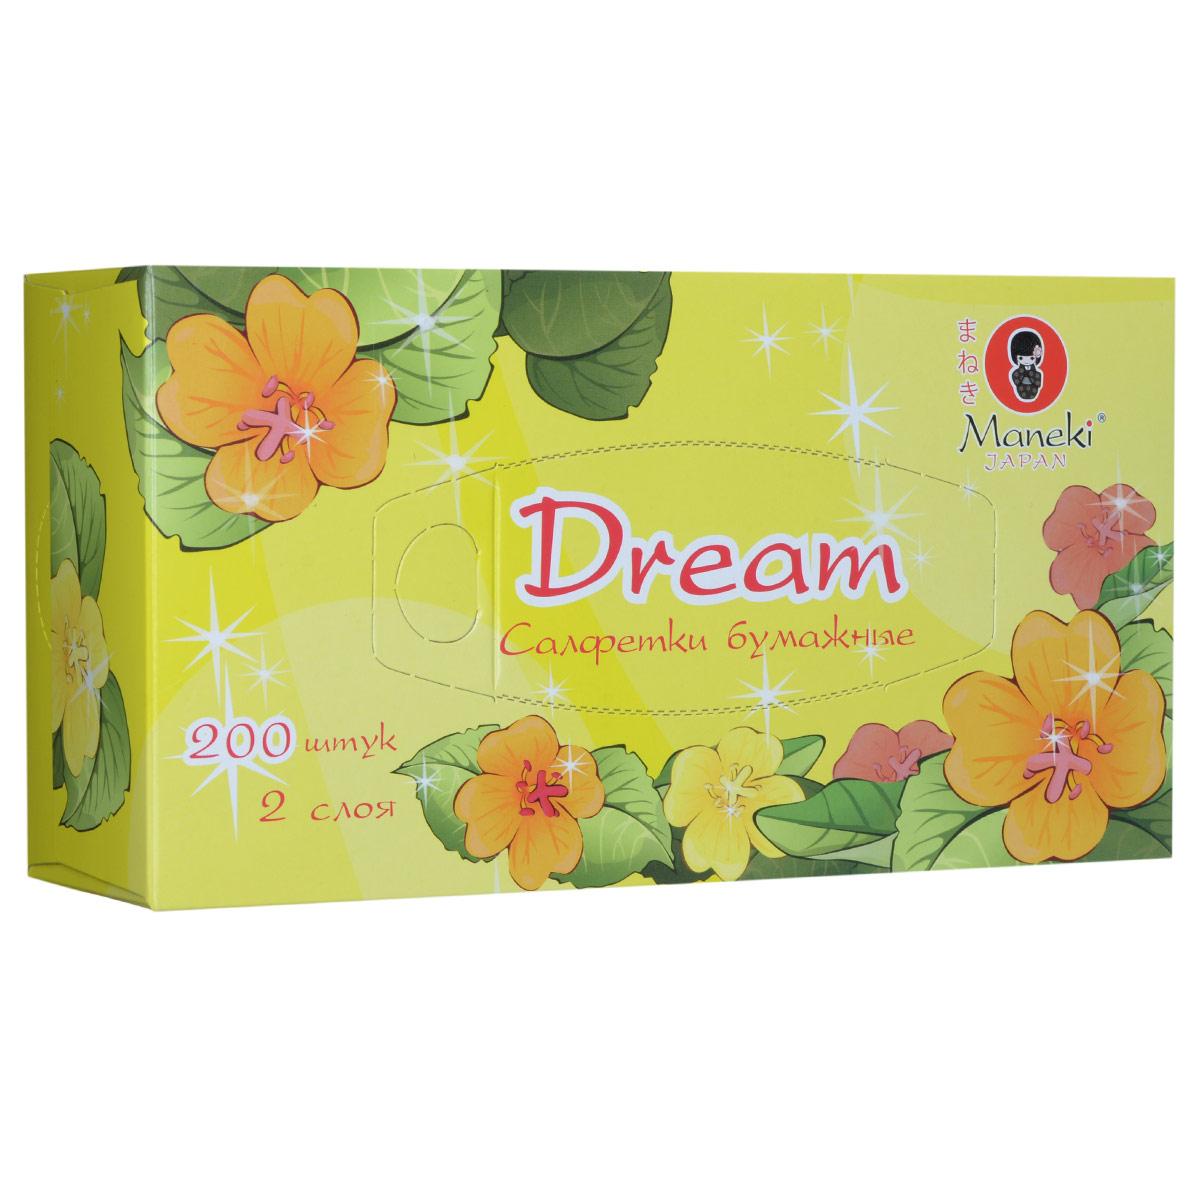 Maneki Салфетки бумажные Dream, двухслойные, цвет: желтый, 200 штFT135Двухслойные бумажные салфетки Maneki Dream, выполненные из натуральной экологически чистой целлюлозы, подарят превосходный комфорт и ощущение чистоты и свежести. Салфетки упакованы в коробку, поэтому их удобно использовать дома или взять с собой в офис или машину.Не содержат хлор.